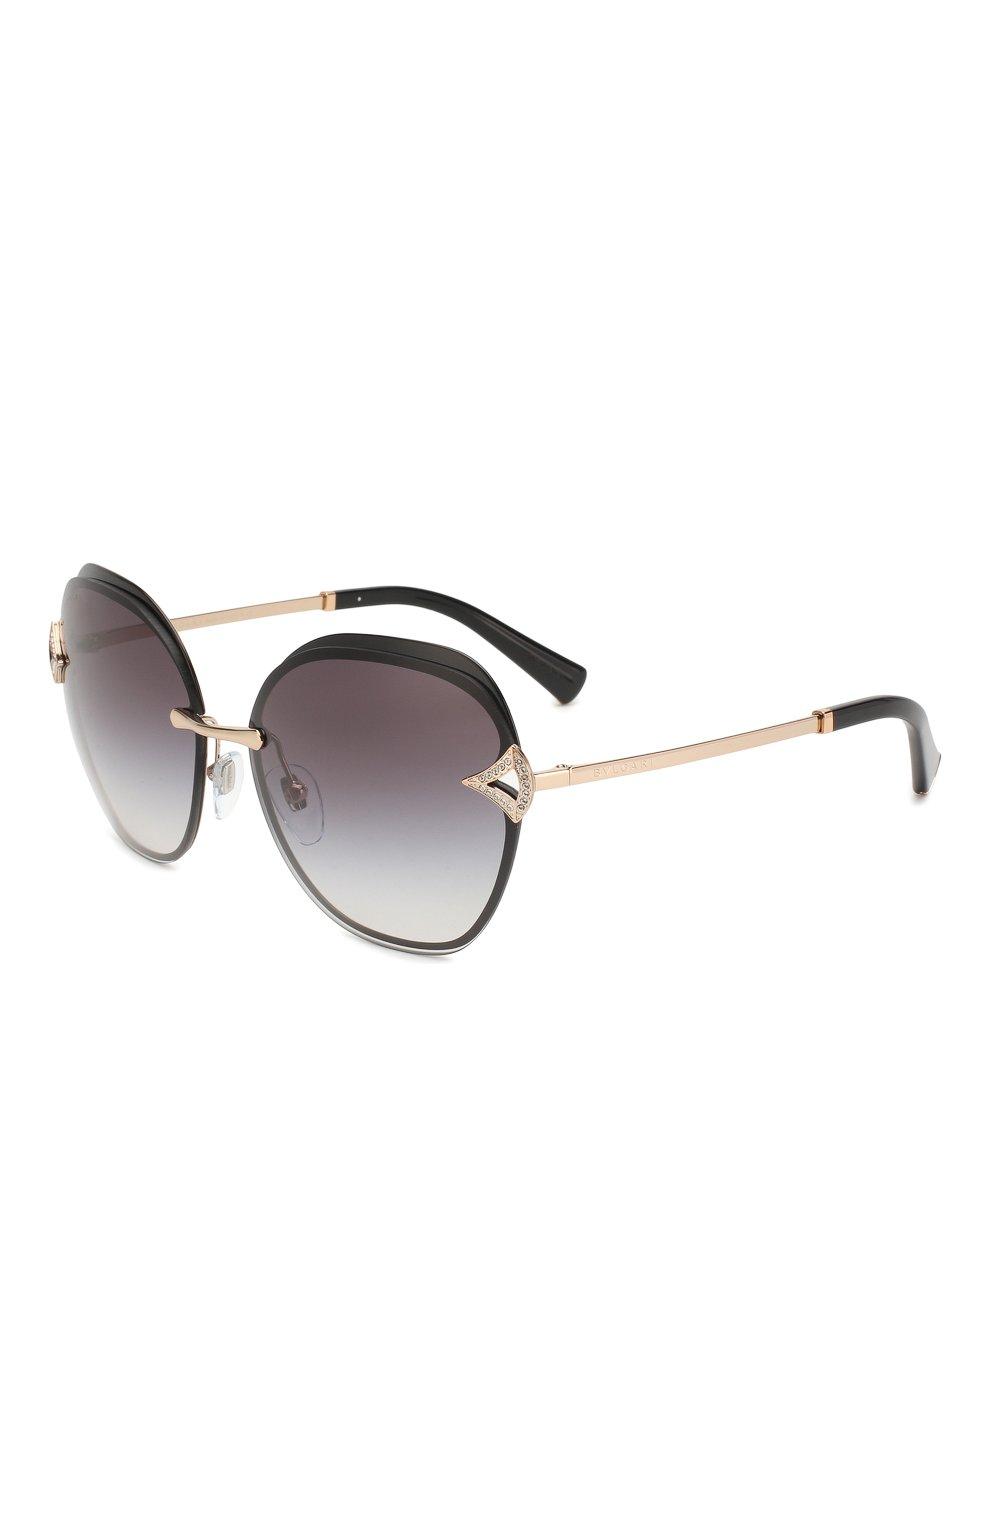 25ca875380f1 Солнцезащитные очки